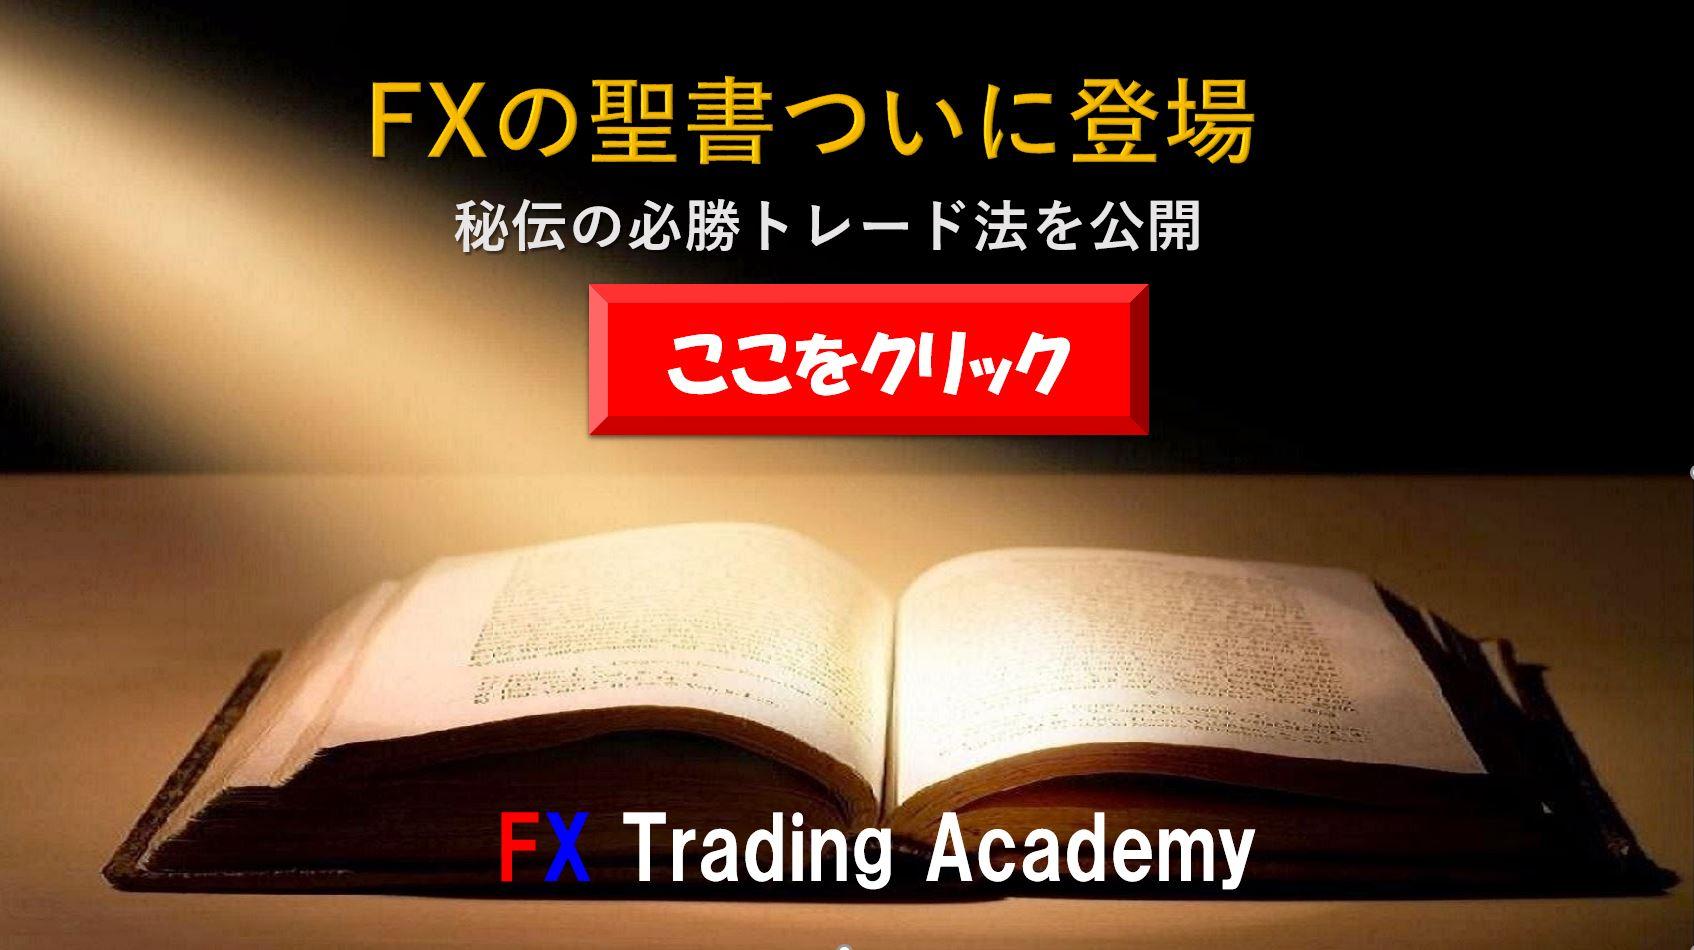 FX初心者・FX中級者でも(FXの聖書)小冊子・PDFファイルの購入者とFXスクール参加者の中から億トレーダーが続出中です!